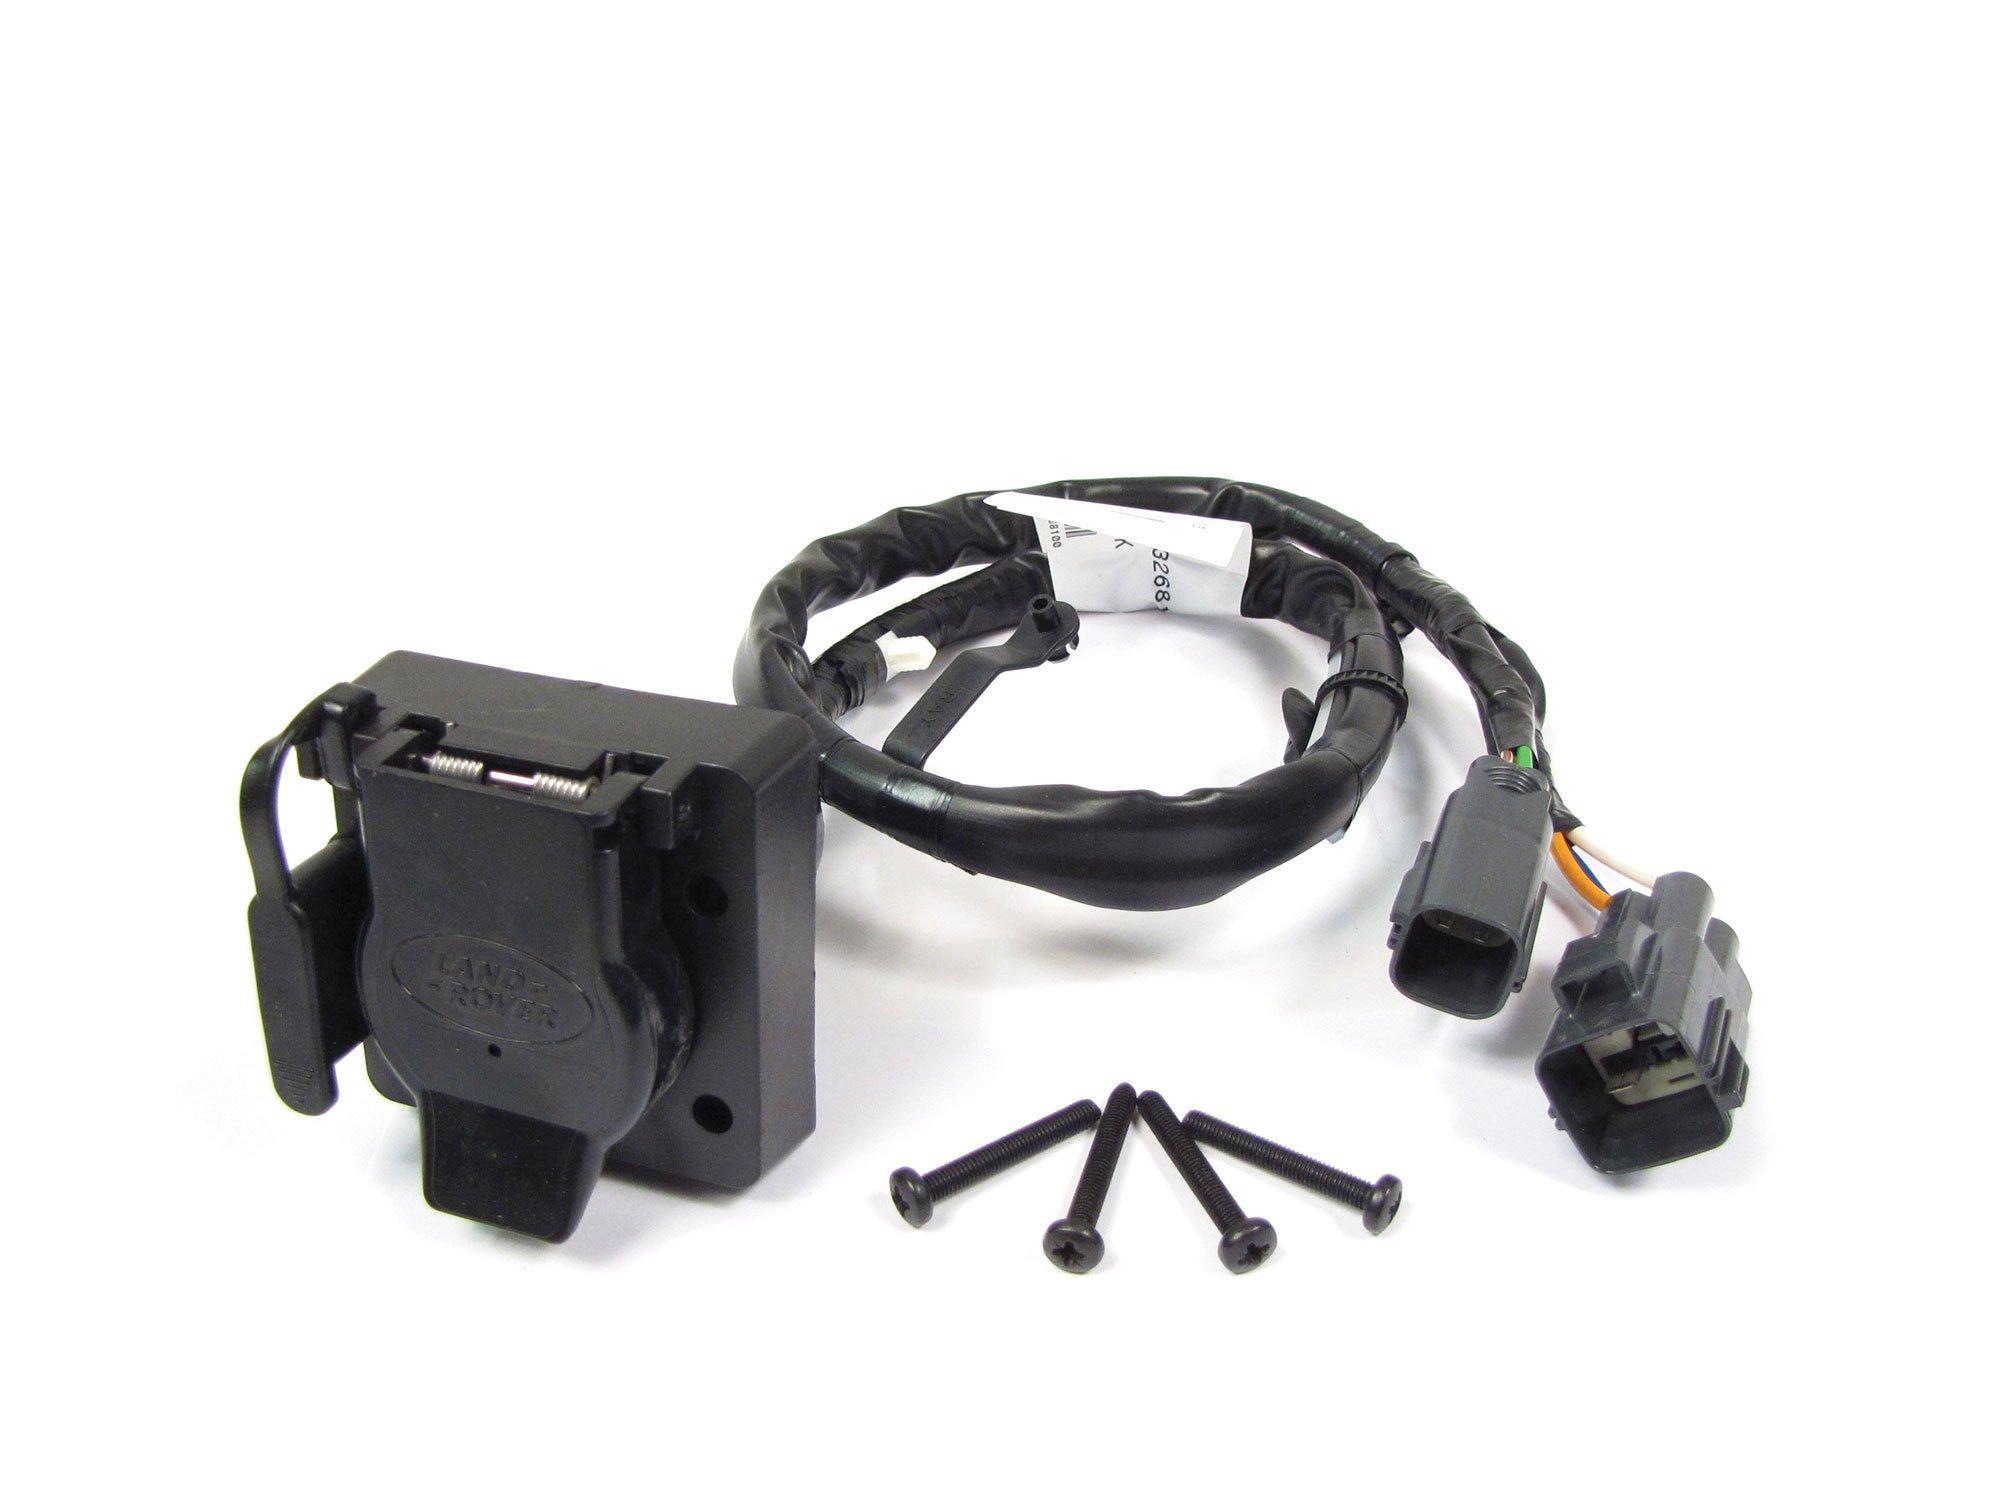 Genuine Land Rover VPLST0072 Trailer Wiring Kit for Range Rover Sport